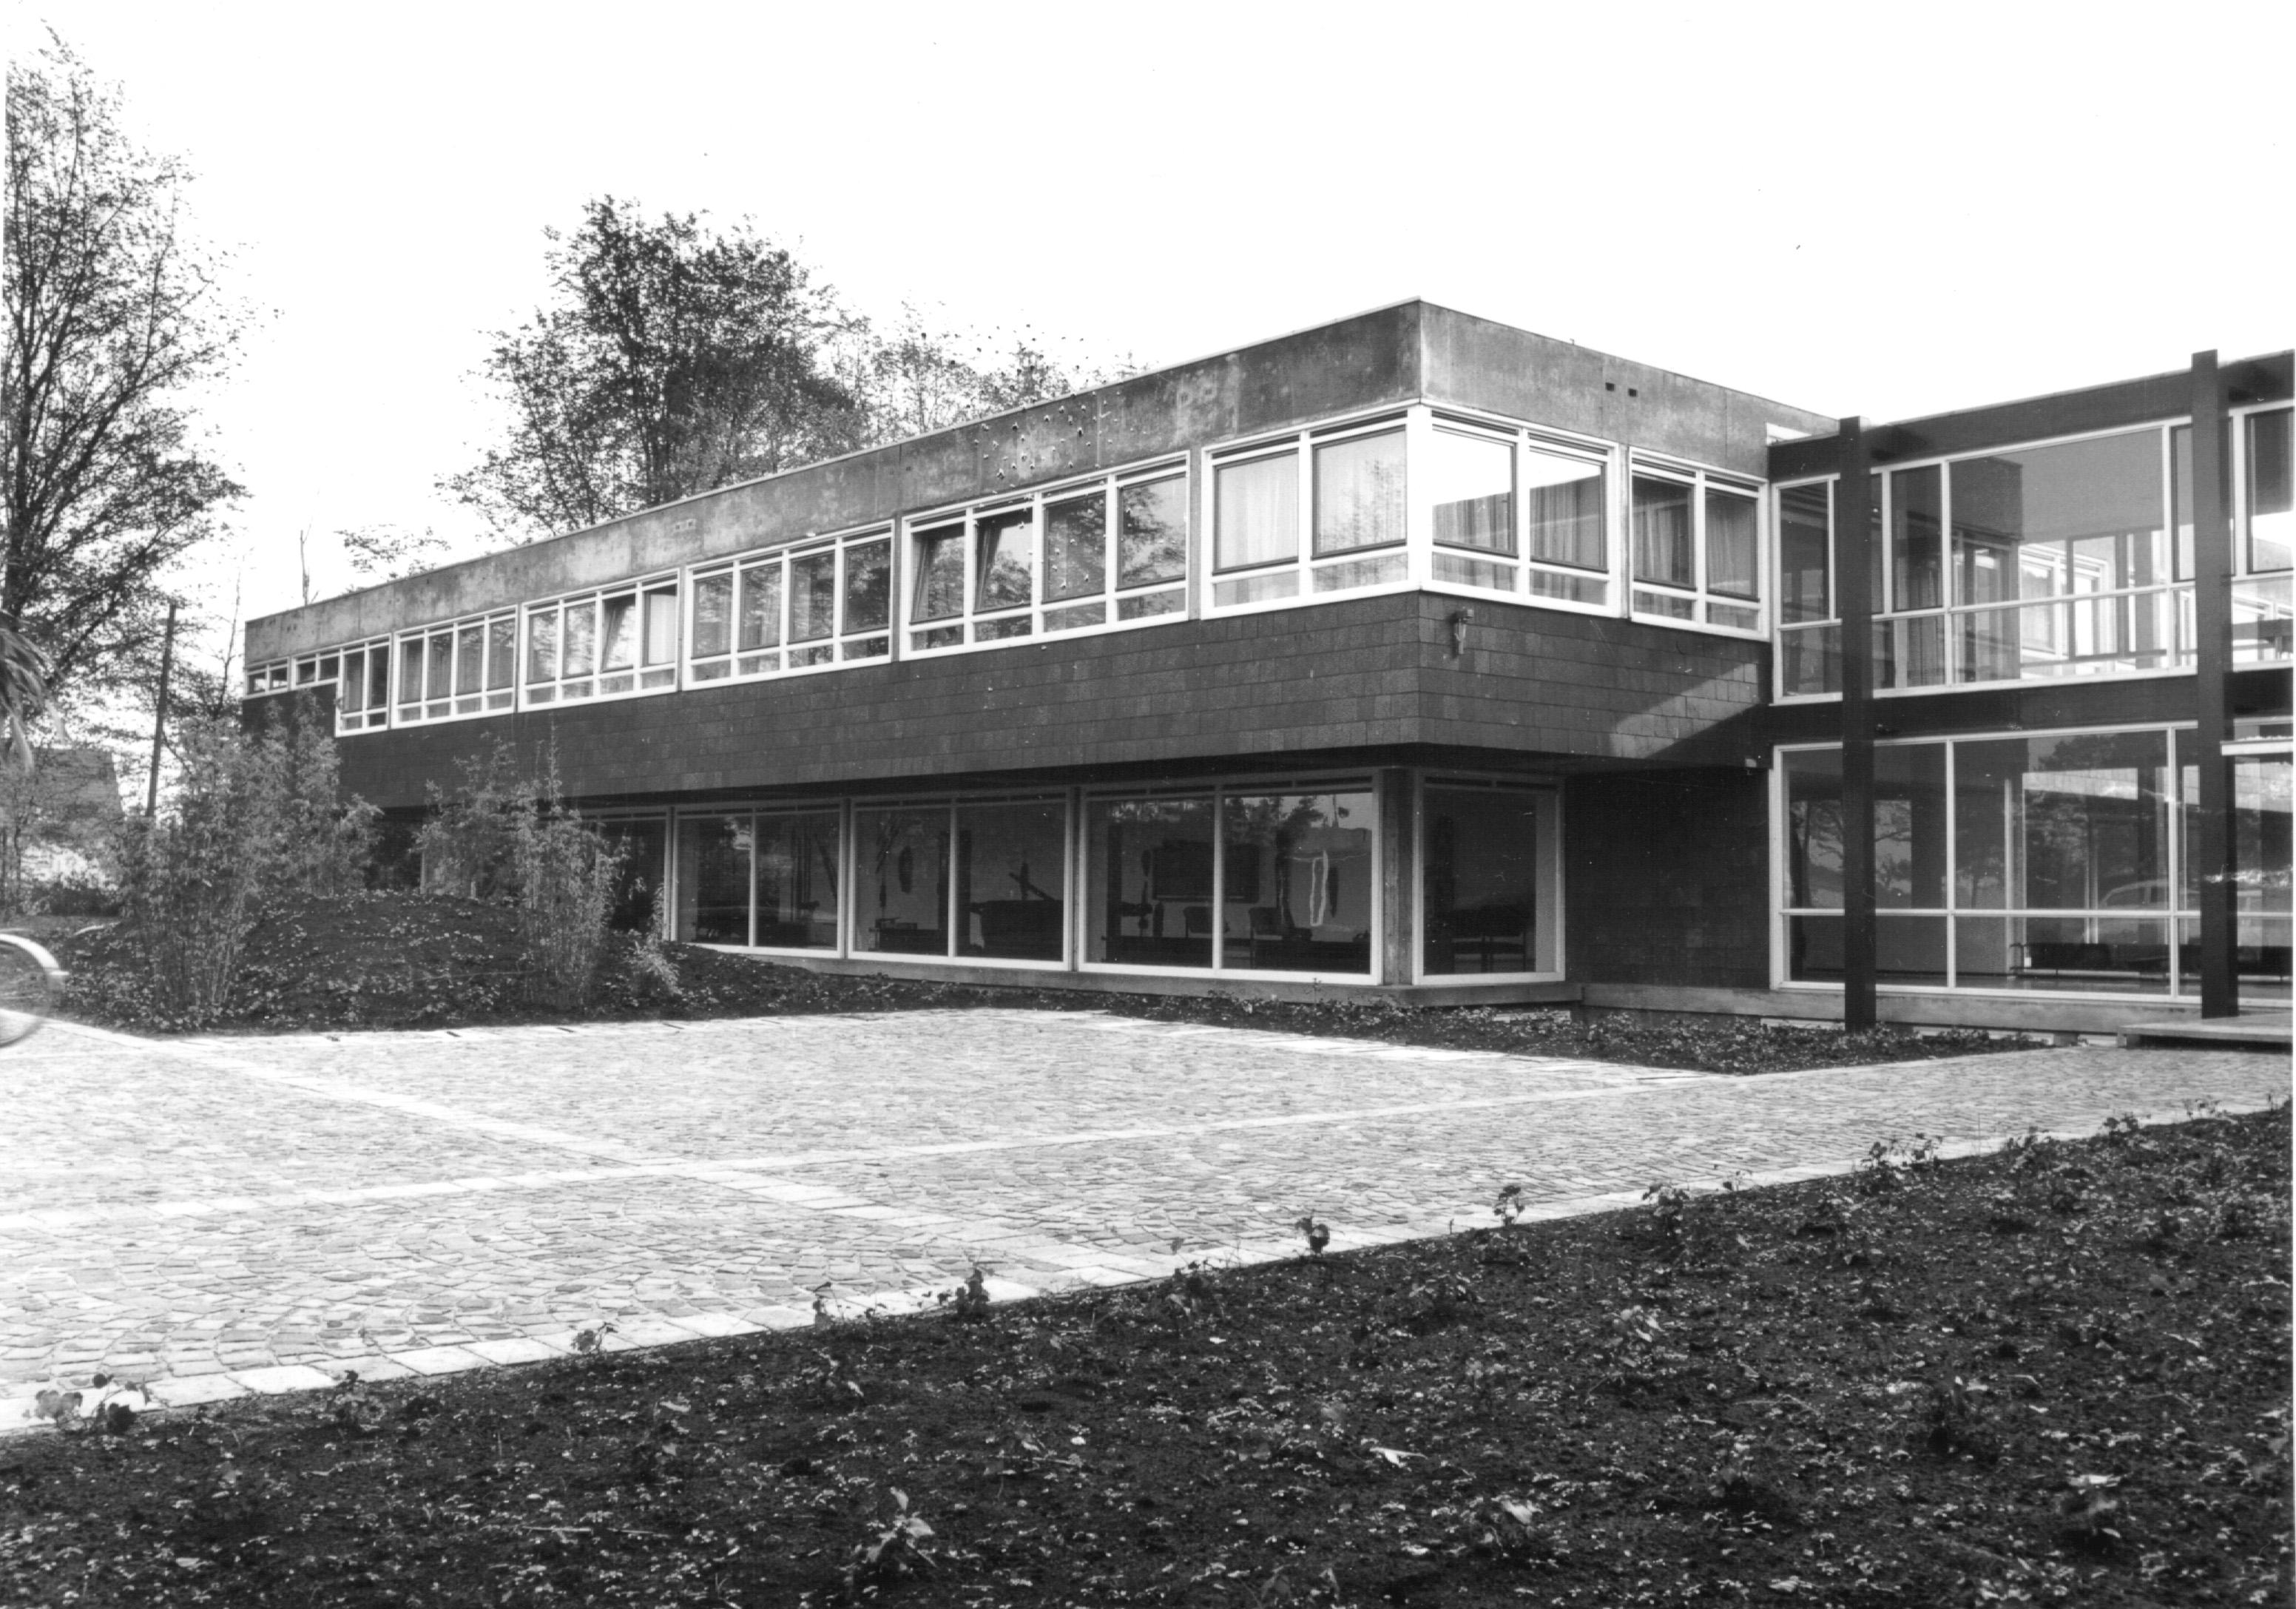 Das Anthropos-Institut in Sankt Augustin